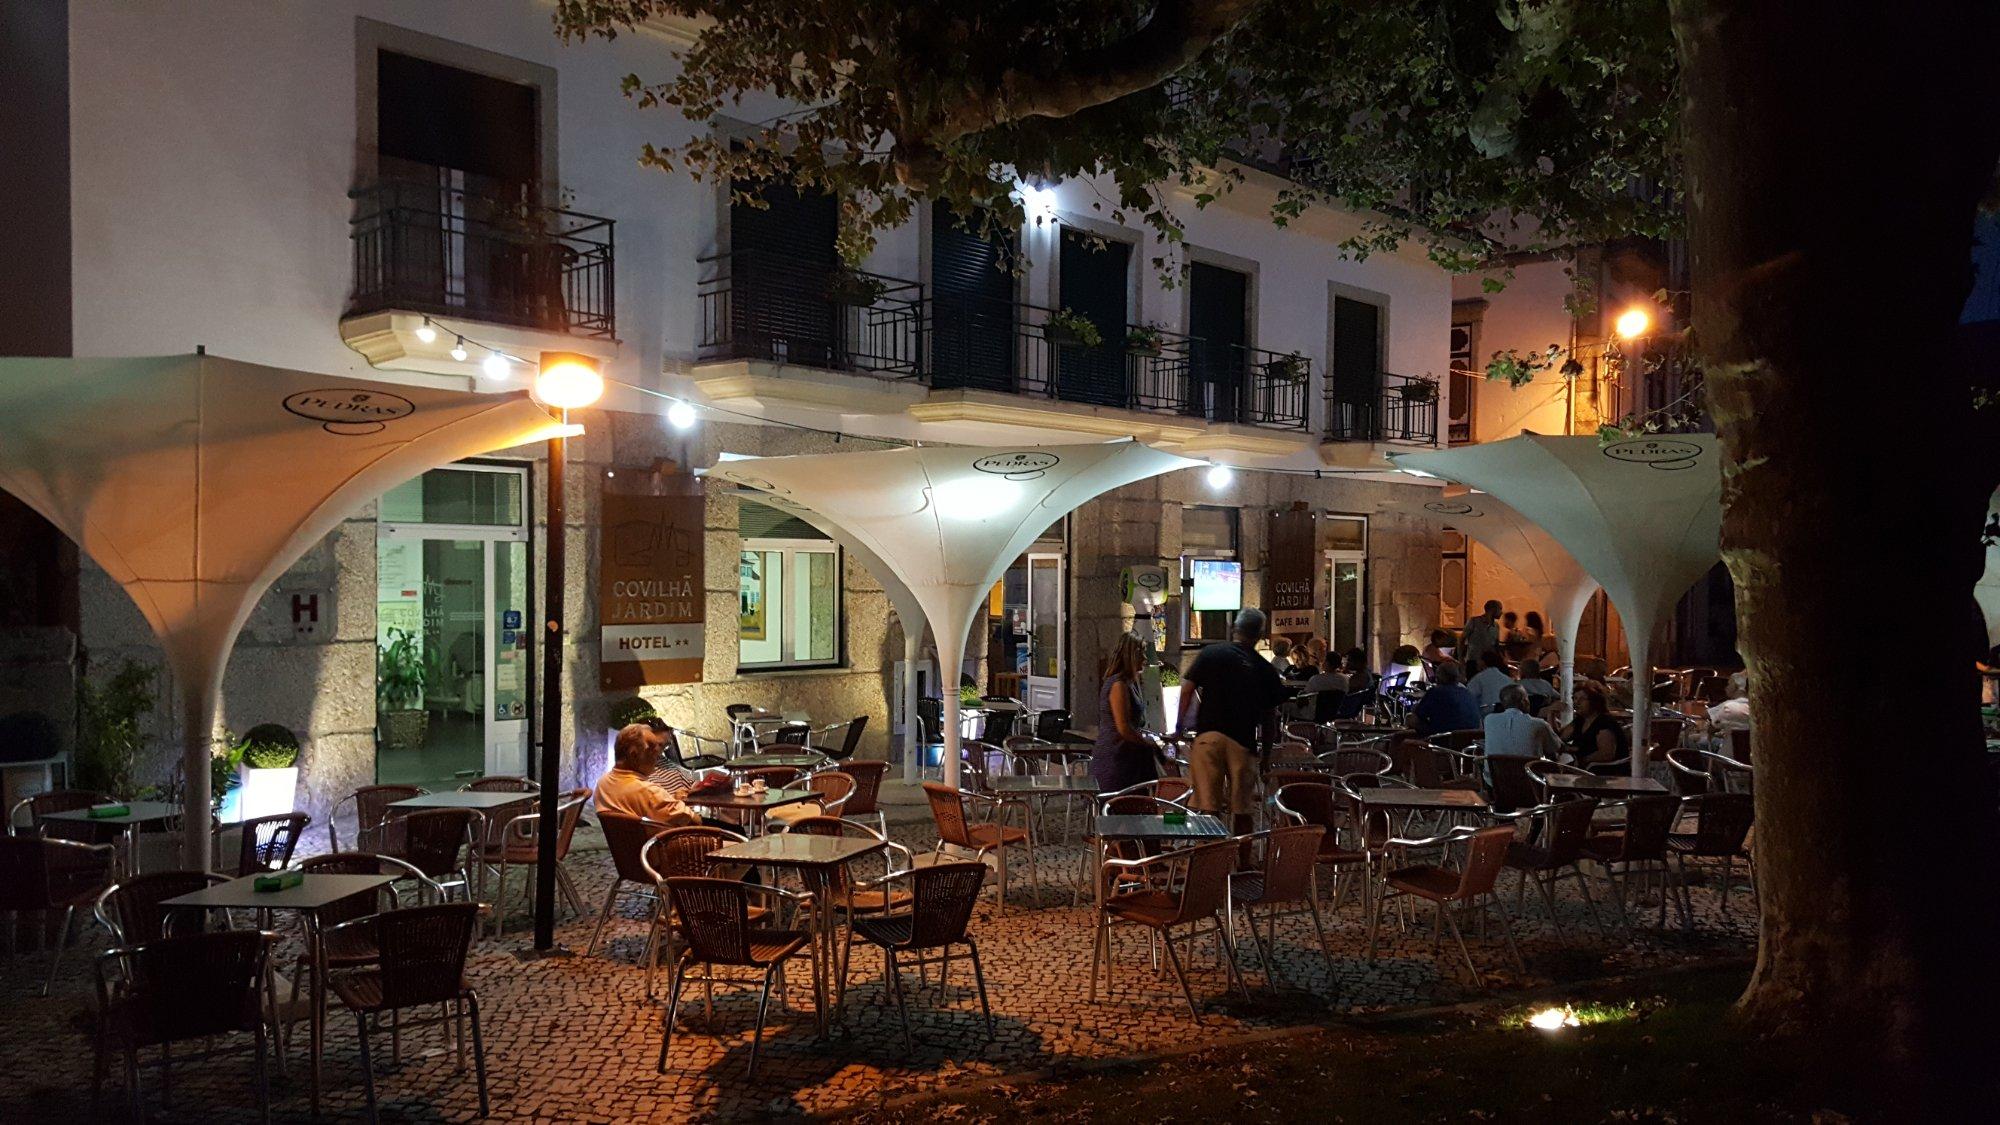 Hotel Covilha Jardim